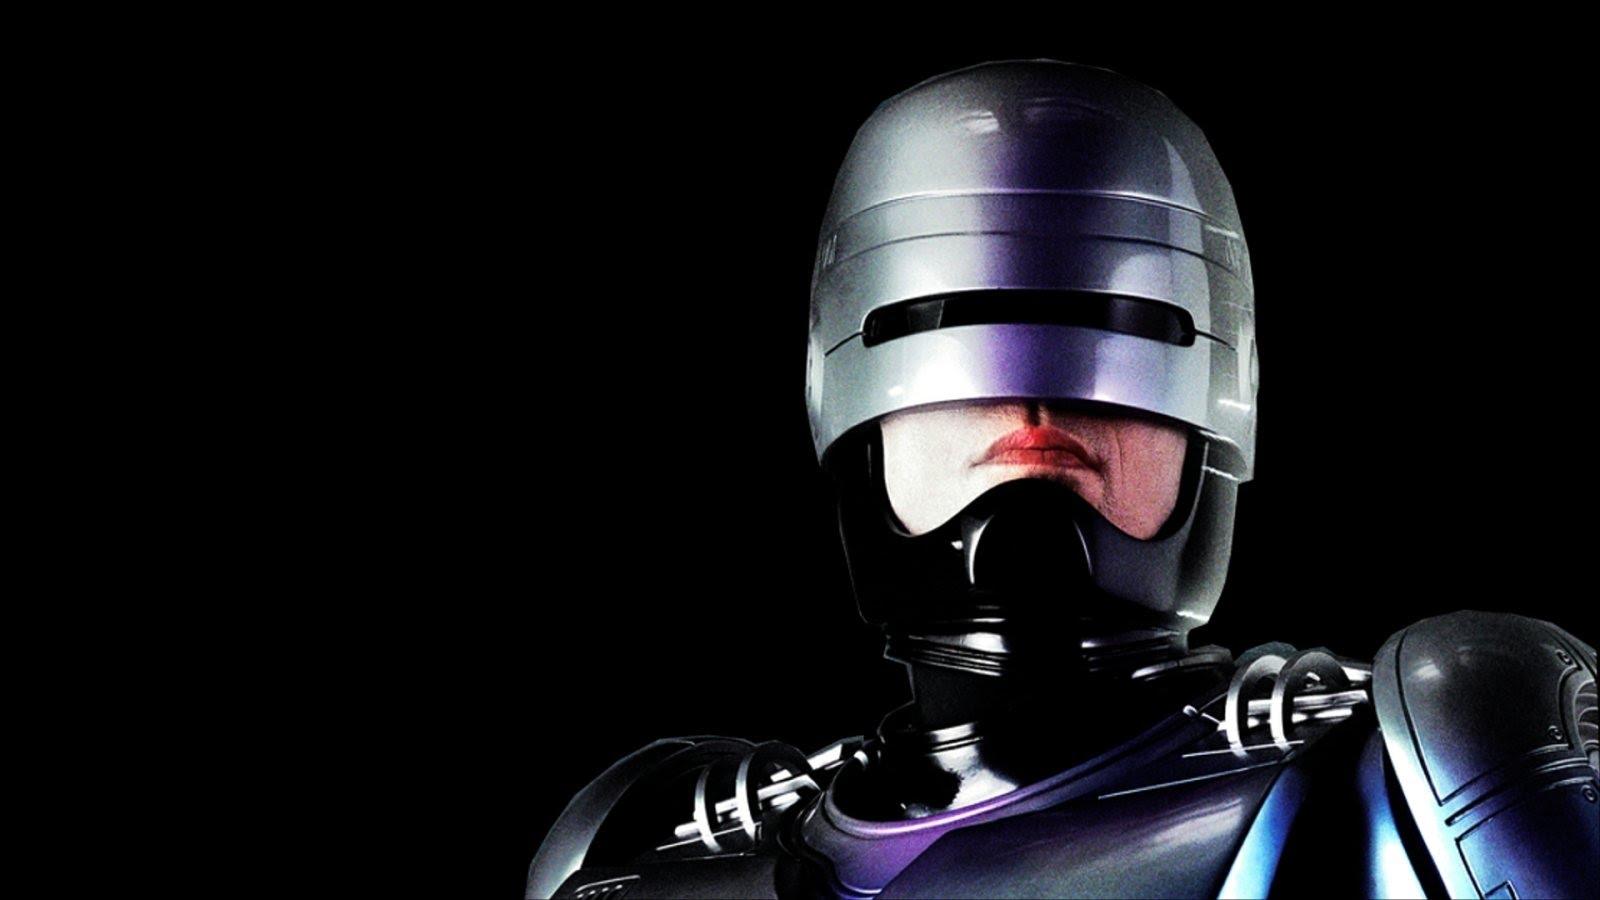 30 anos depois… você está no mundo cyberpunk dos anos 80?